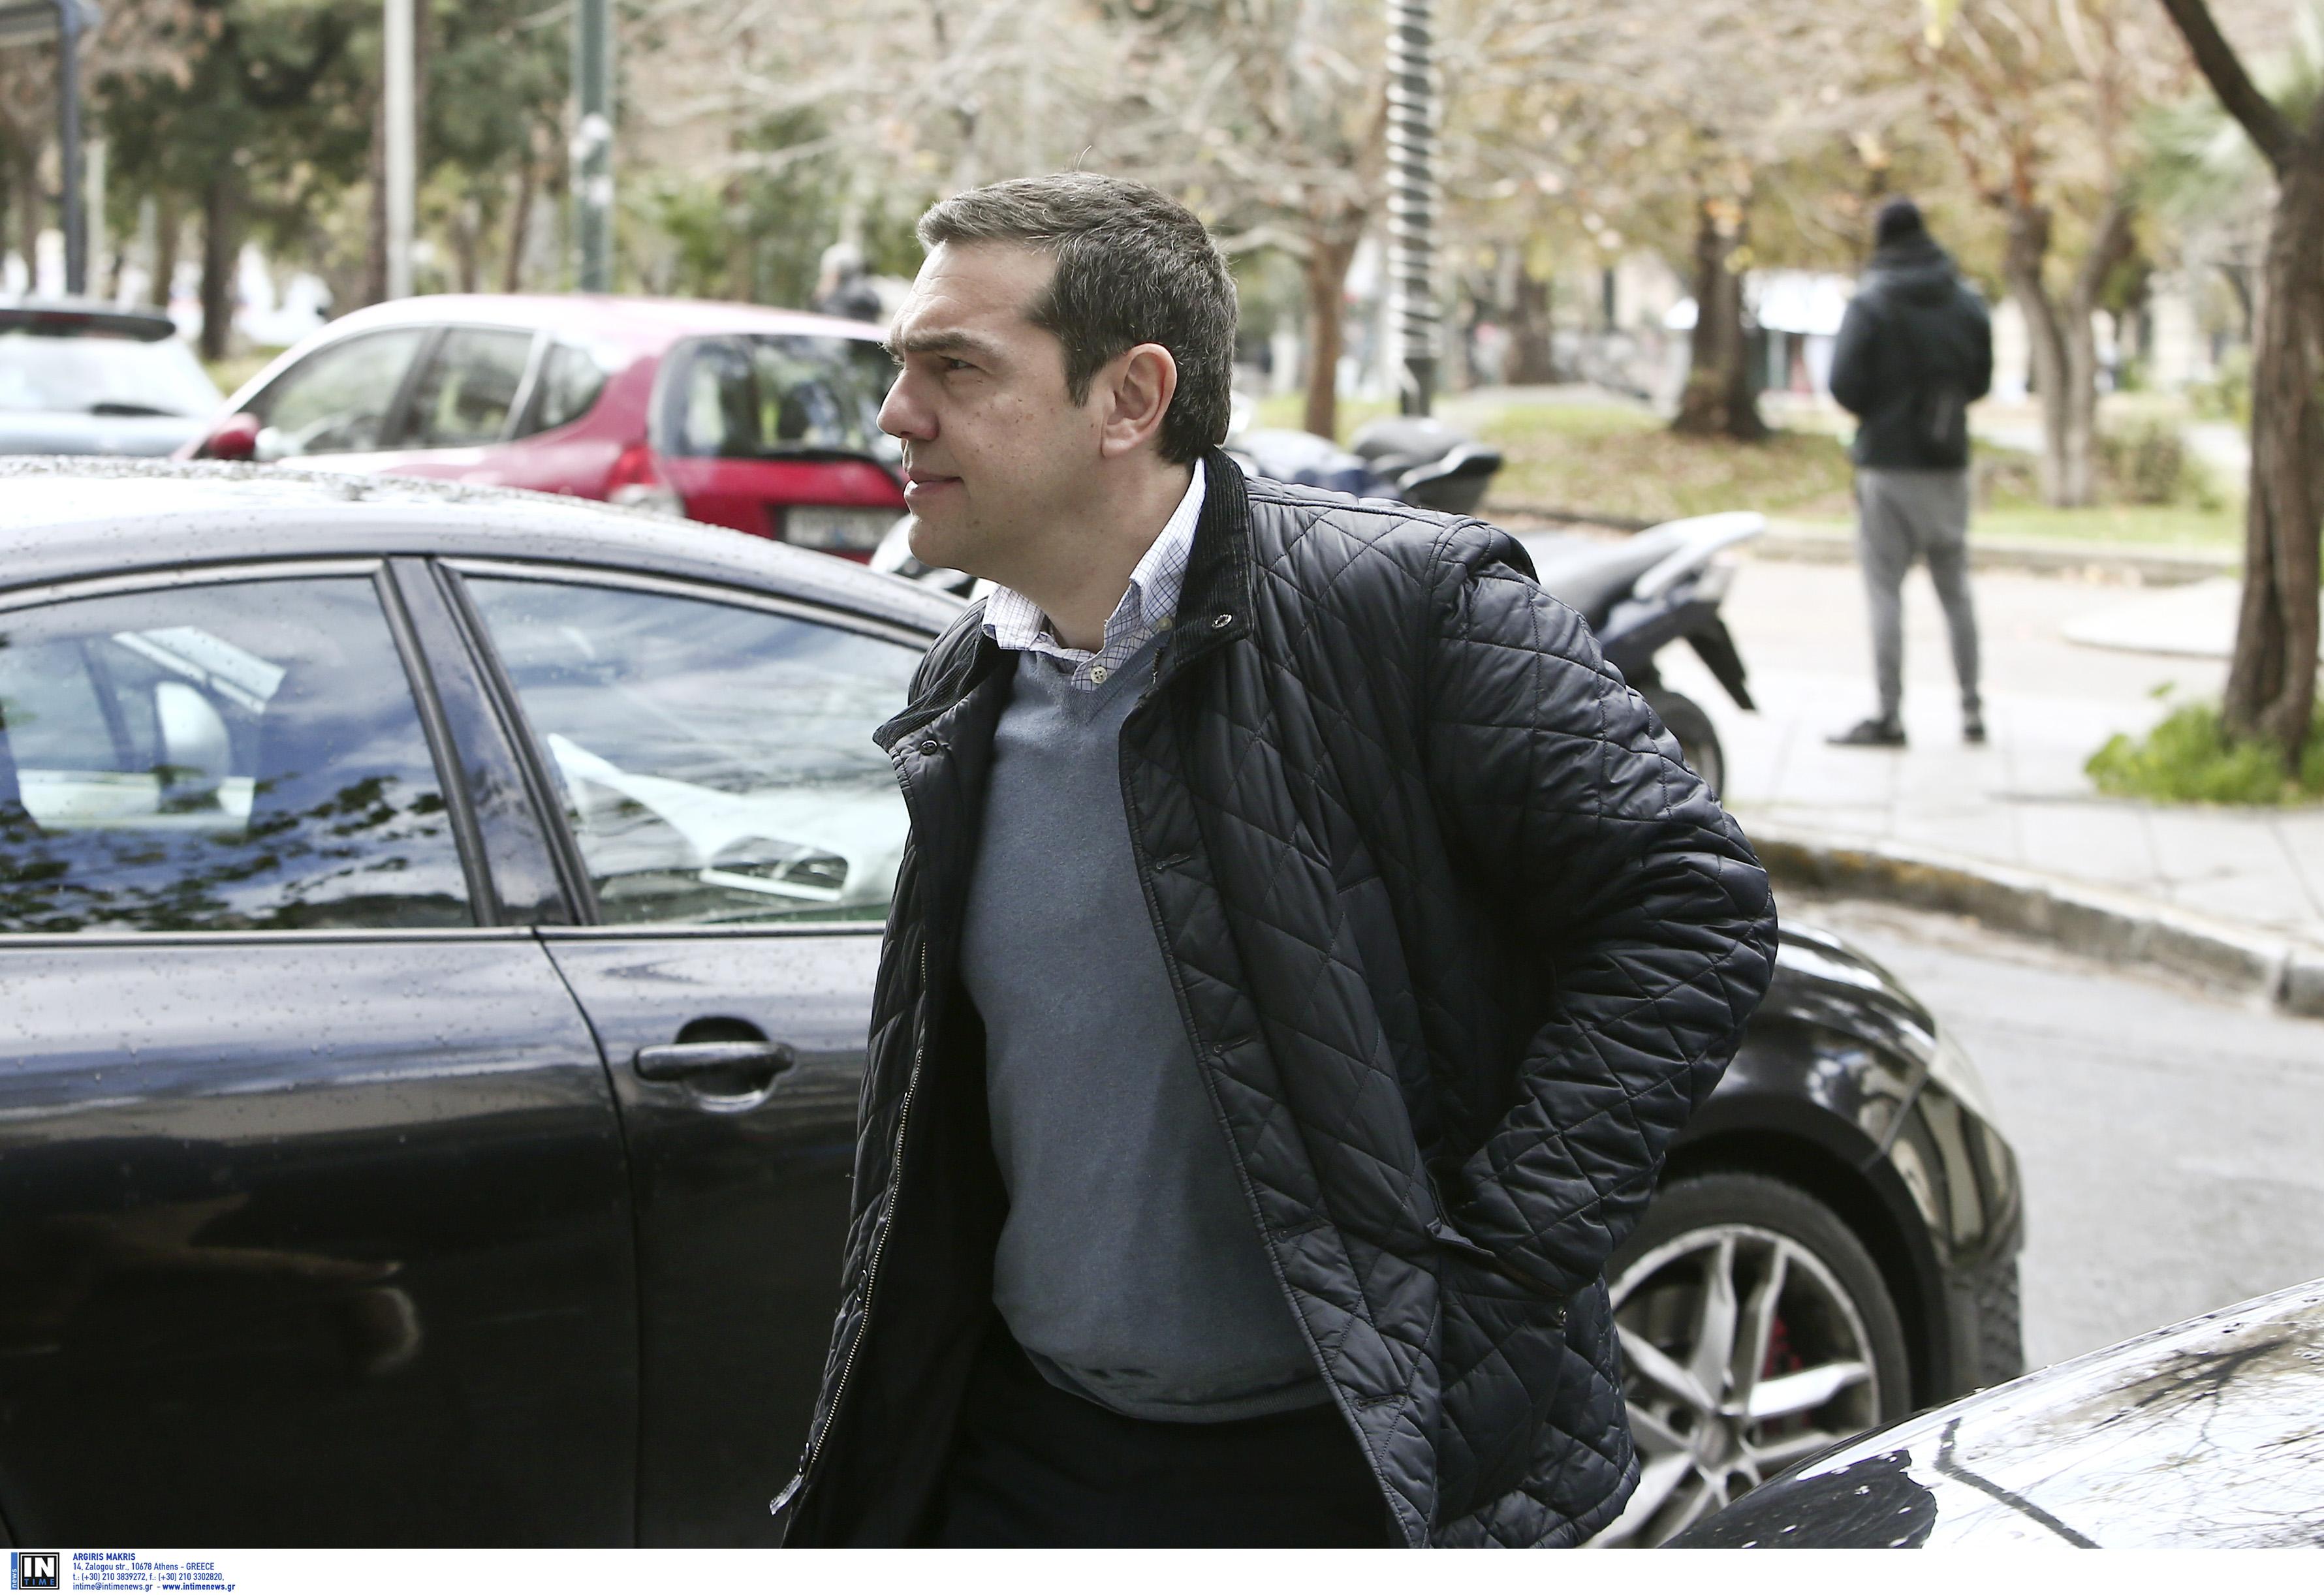 ΣΥΡΙΖΑ: Η γκρίνια έγινε… πλουραλισμός! Ανακοίνωση στήριξης στον Σκουρλέτη